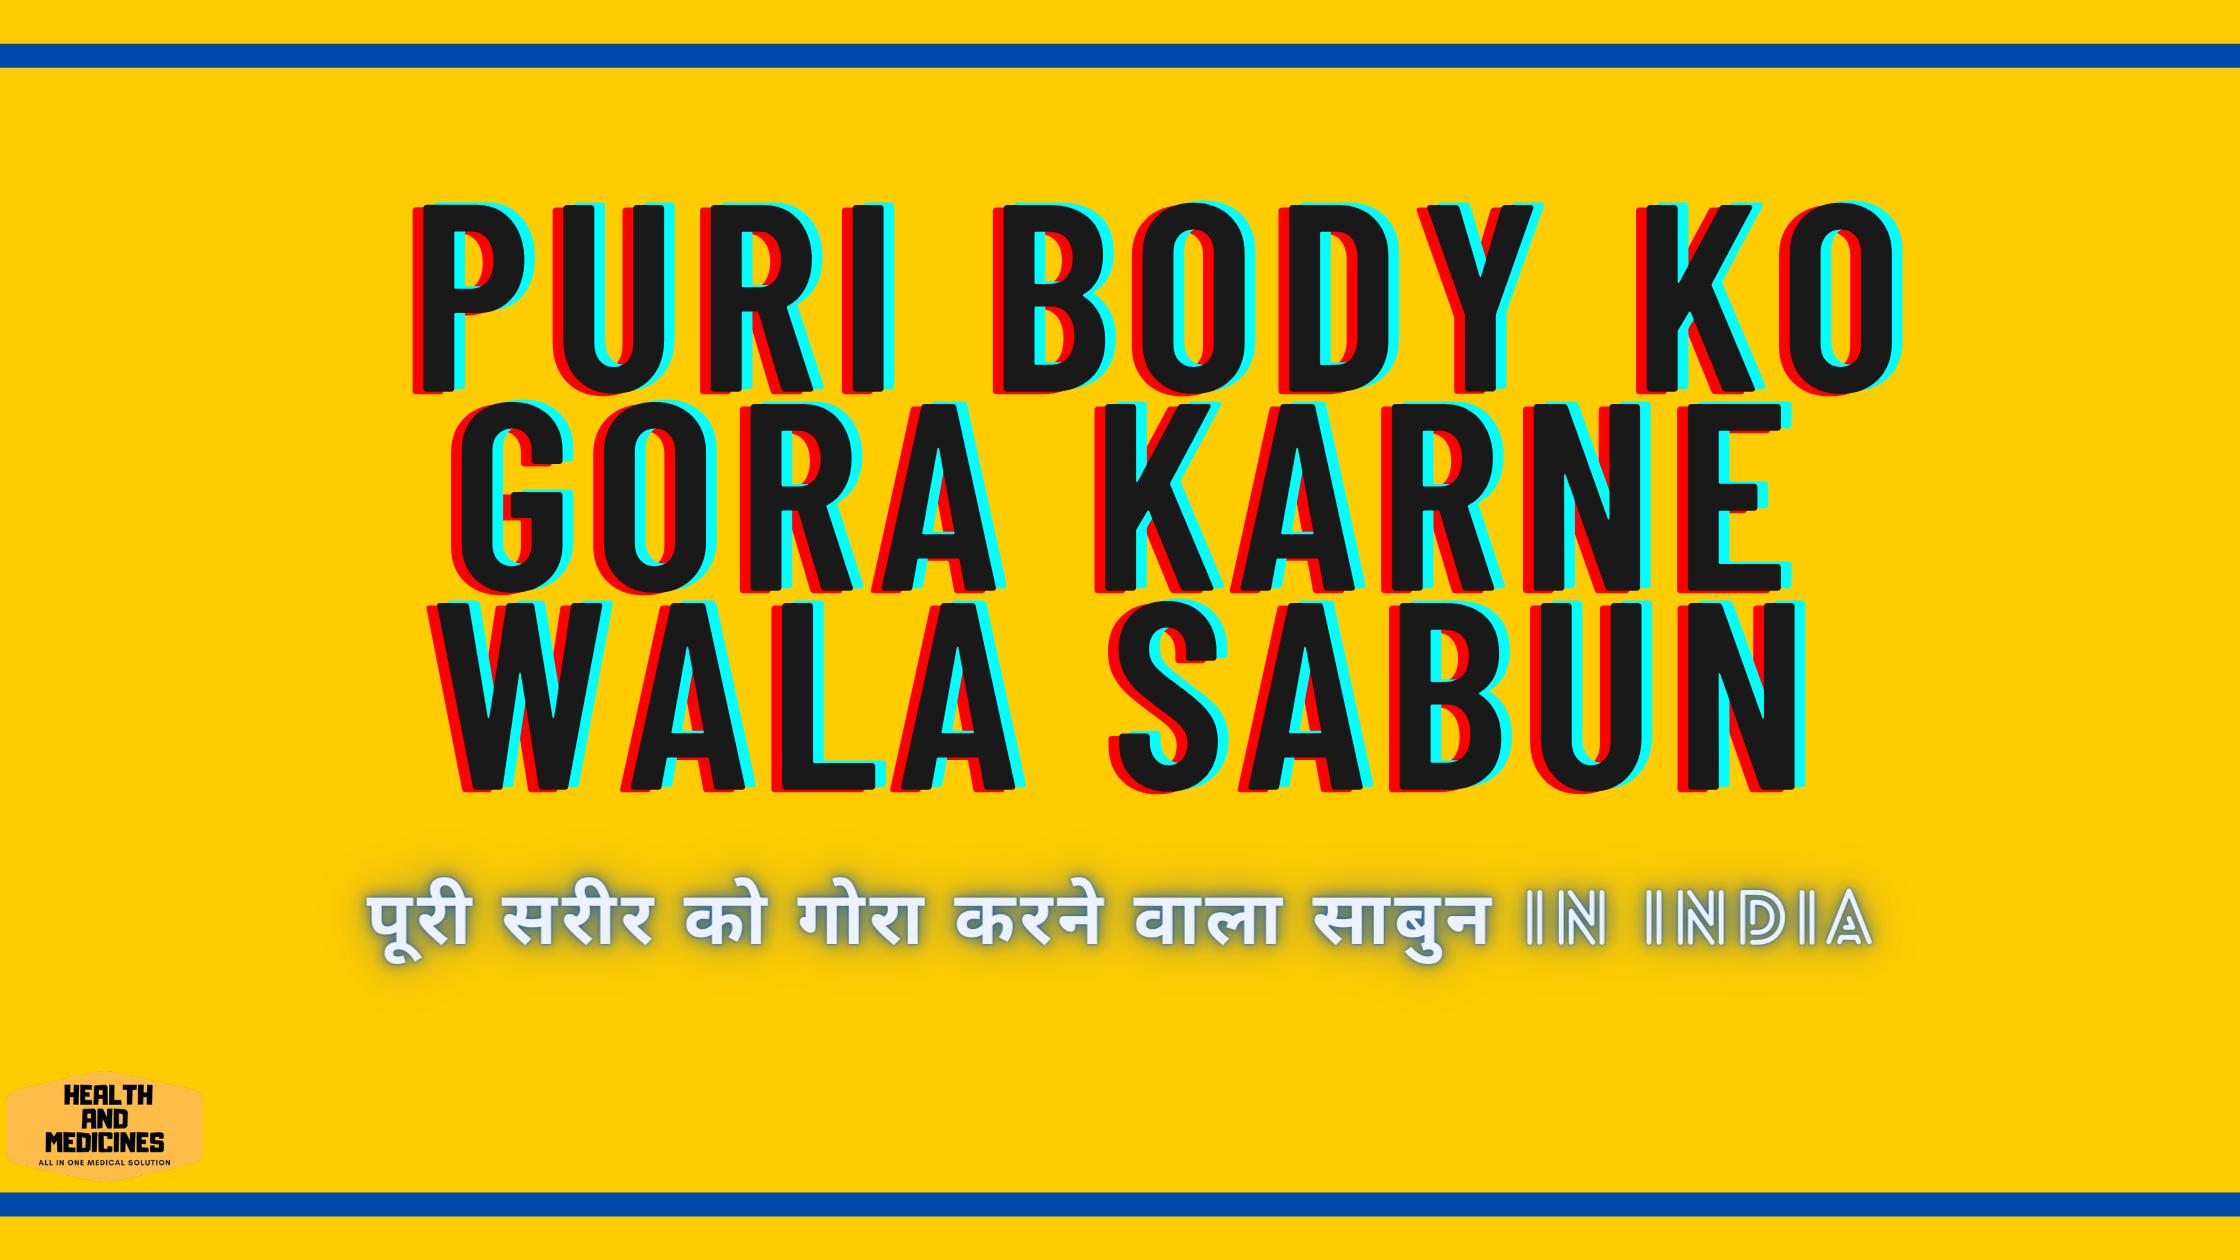 Puri Body Ko Gora Karne Wala Sabun | पूरी सरीर को गोरा करने वाला साबुन In India